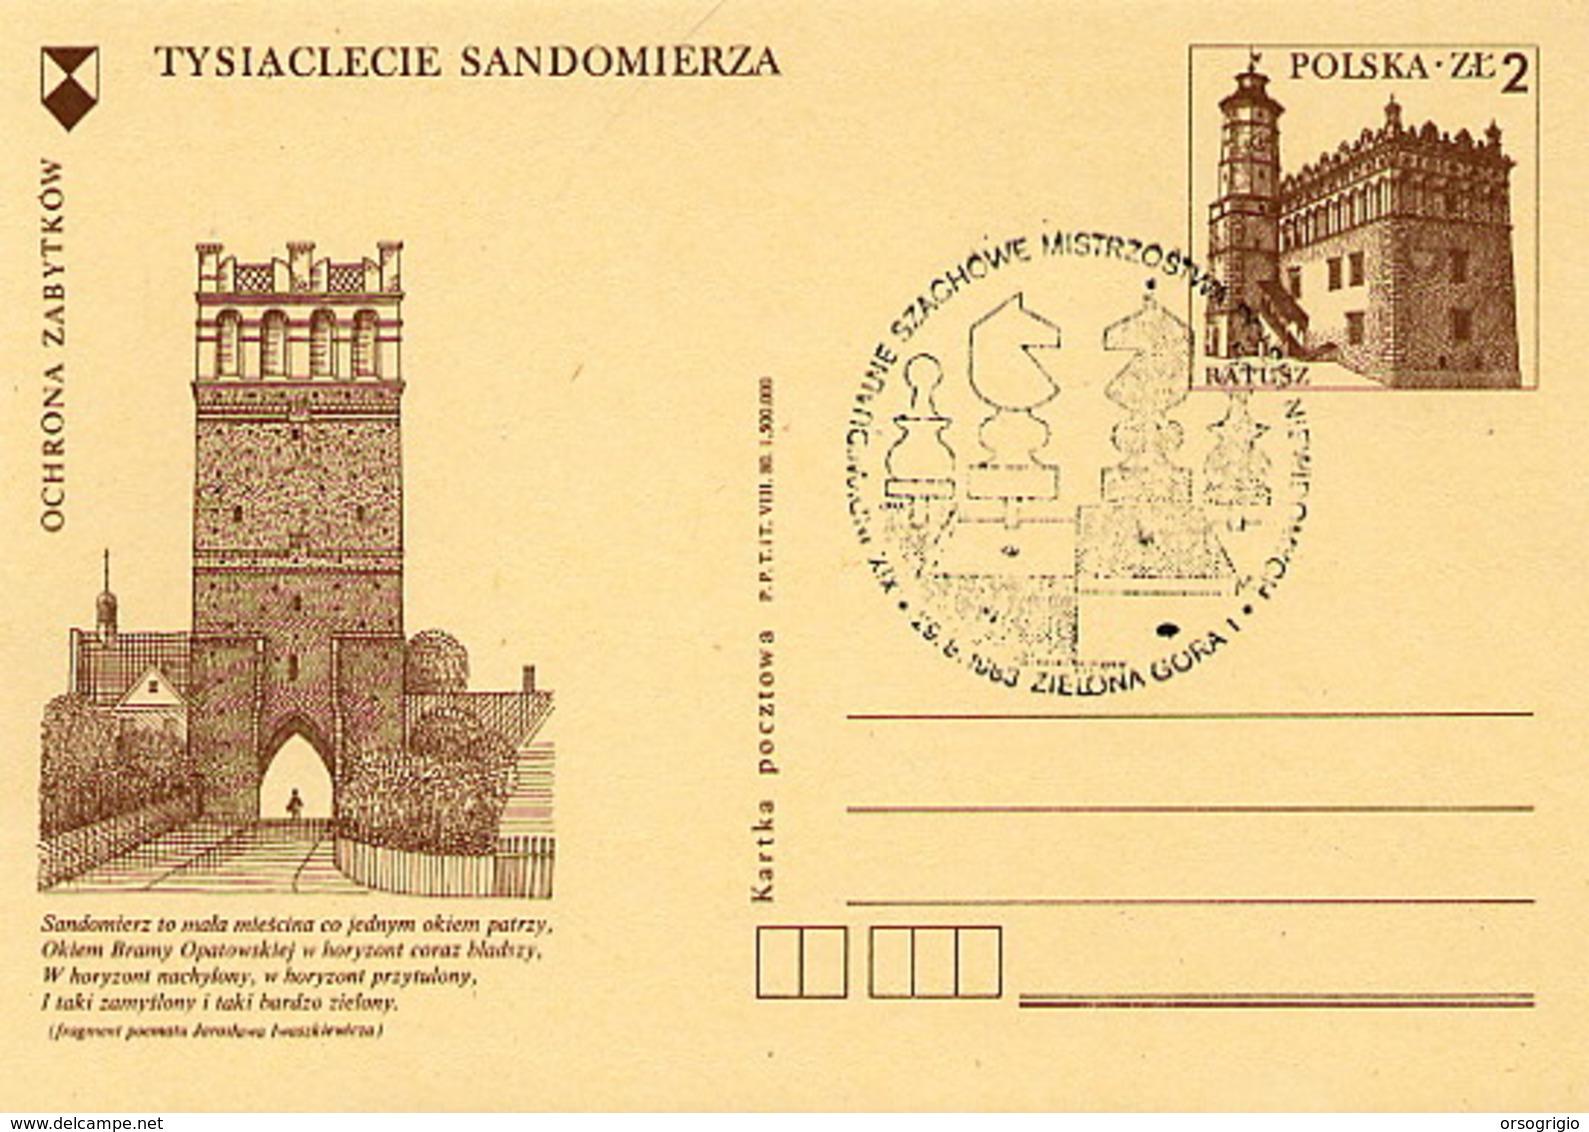 POLONIA POLSKA - ZIELONA GORA  1983 - SZACHOWY - TORNEO DI SCACCHI -  CHESS - Scacchi